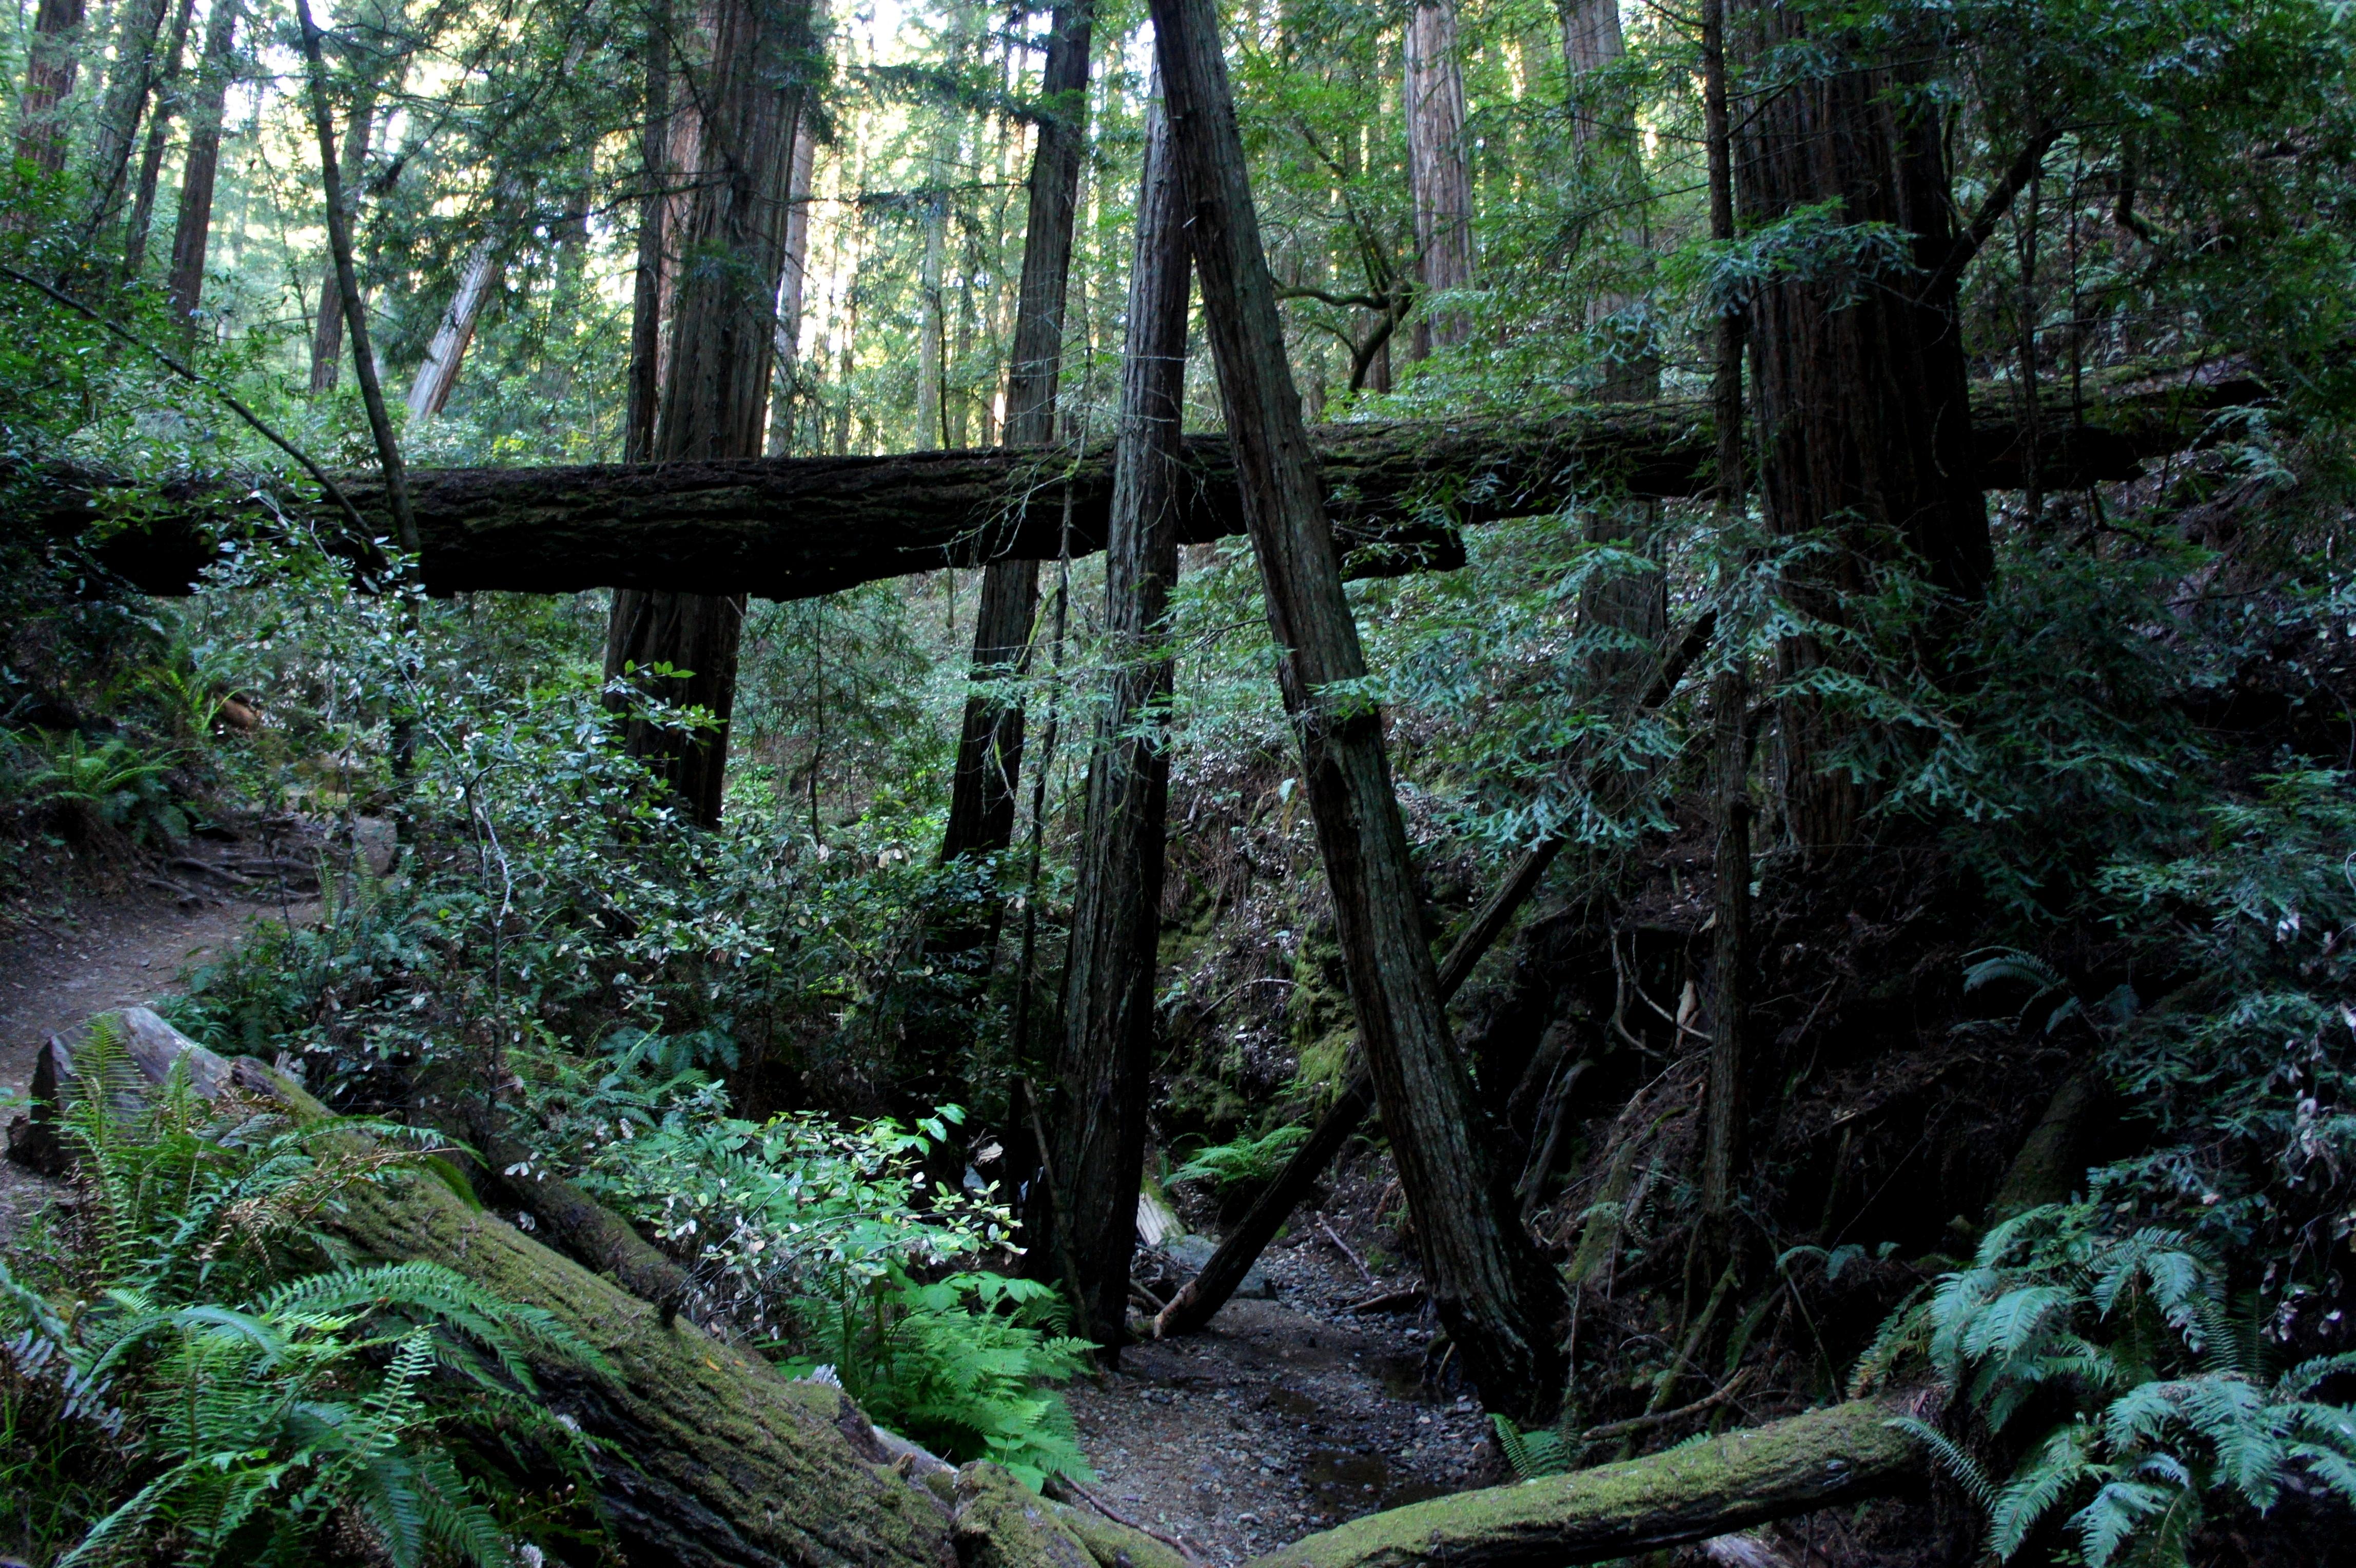 Dipsea Trail – Steep Ravine Trail Loop (Mount Tamalpais State Park on